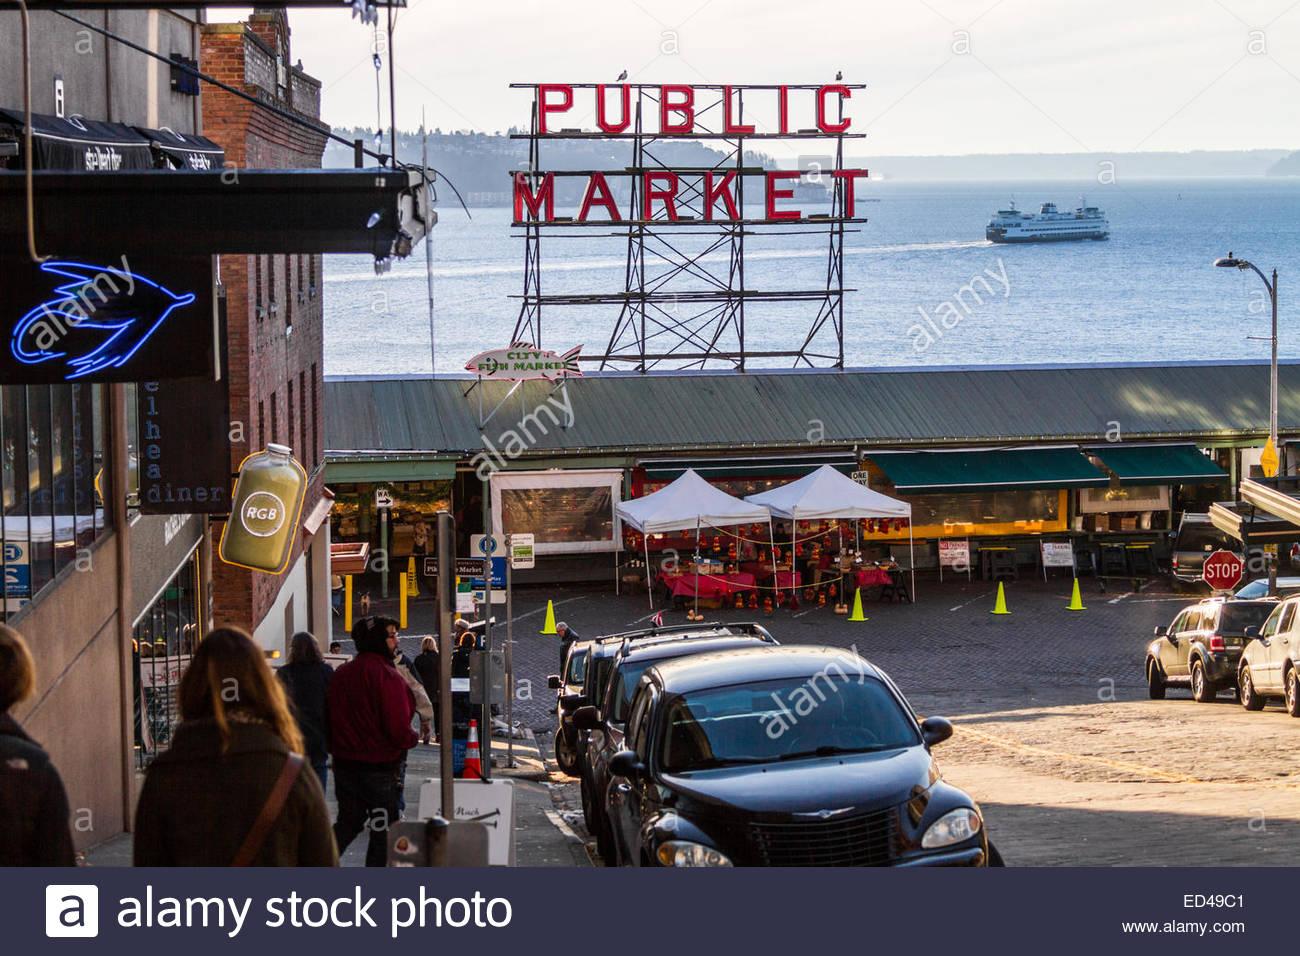 Pike Place Market und Personenfähre im Hintergrund - USA - Washington - Seattle Stockbild